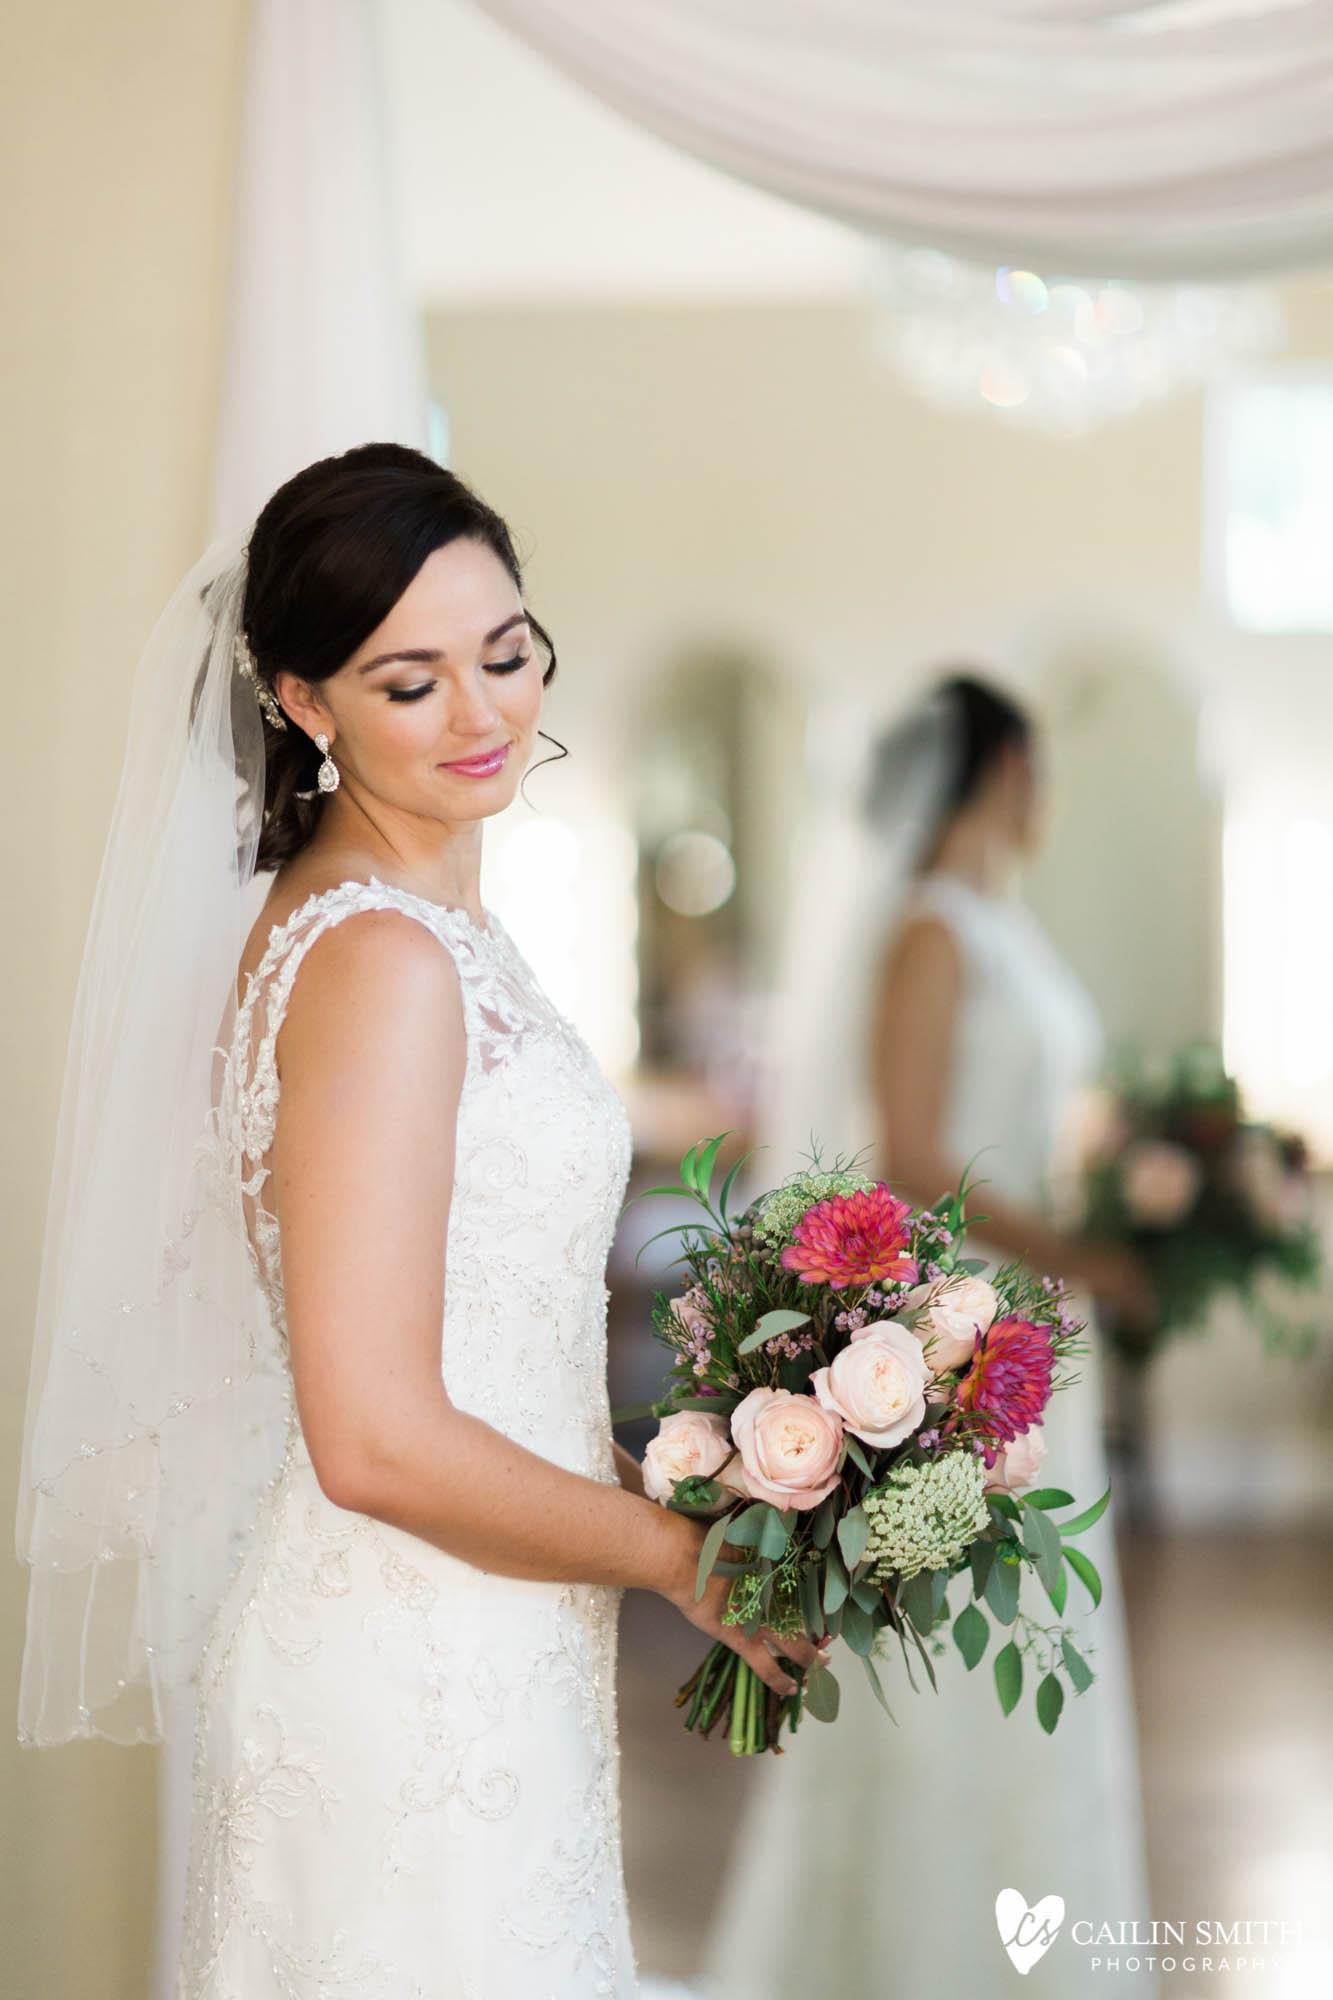 Bethany_Kyle_Bowing_Oaks_Plantation_Wedding_Photography_0016.jpg